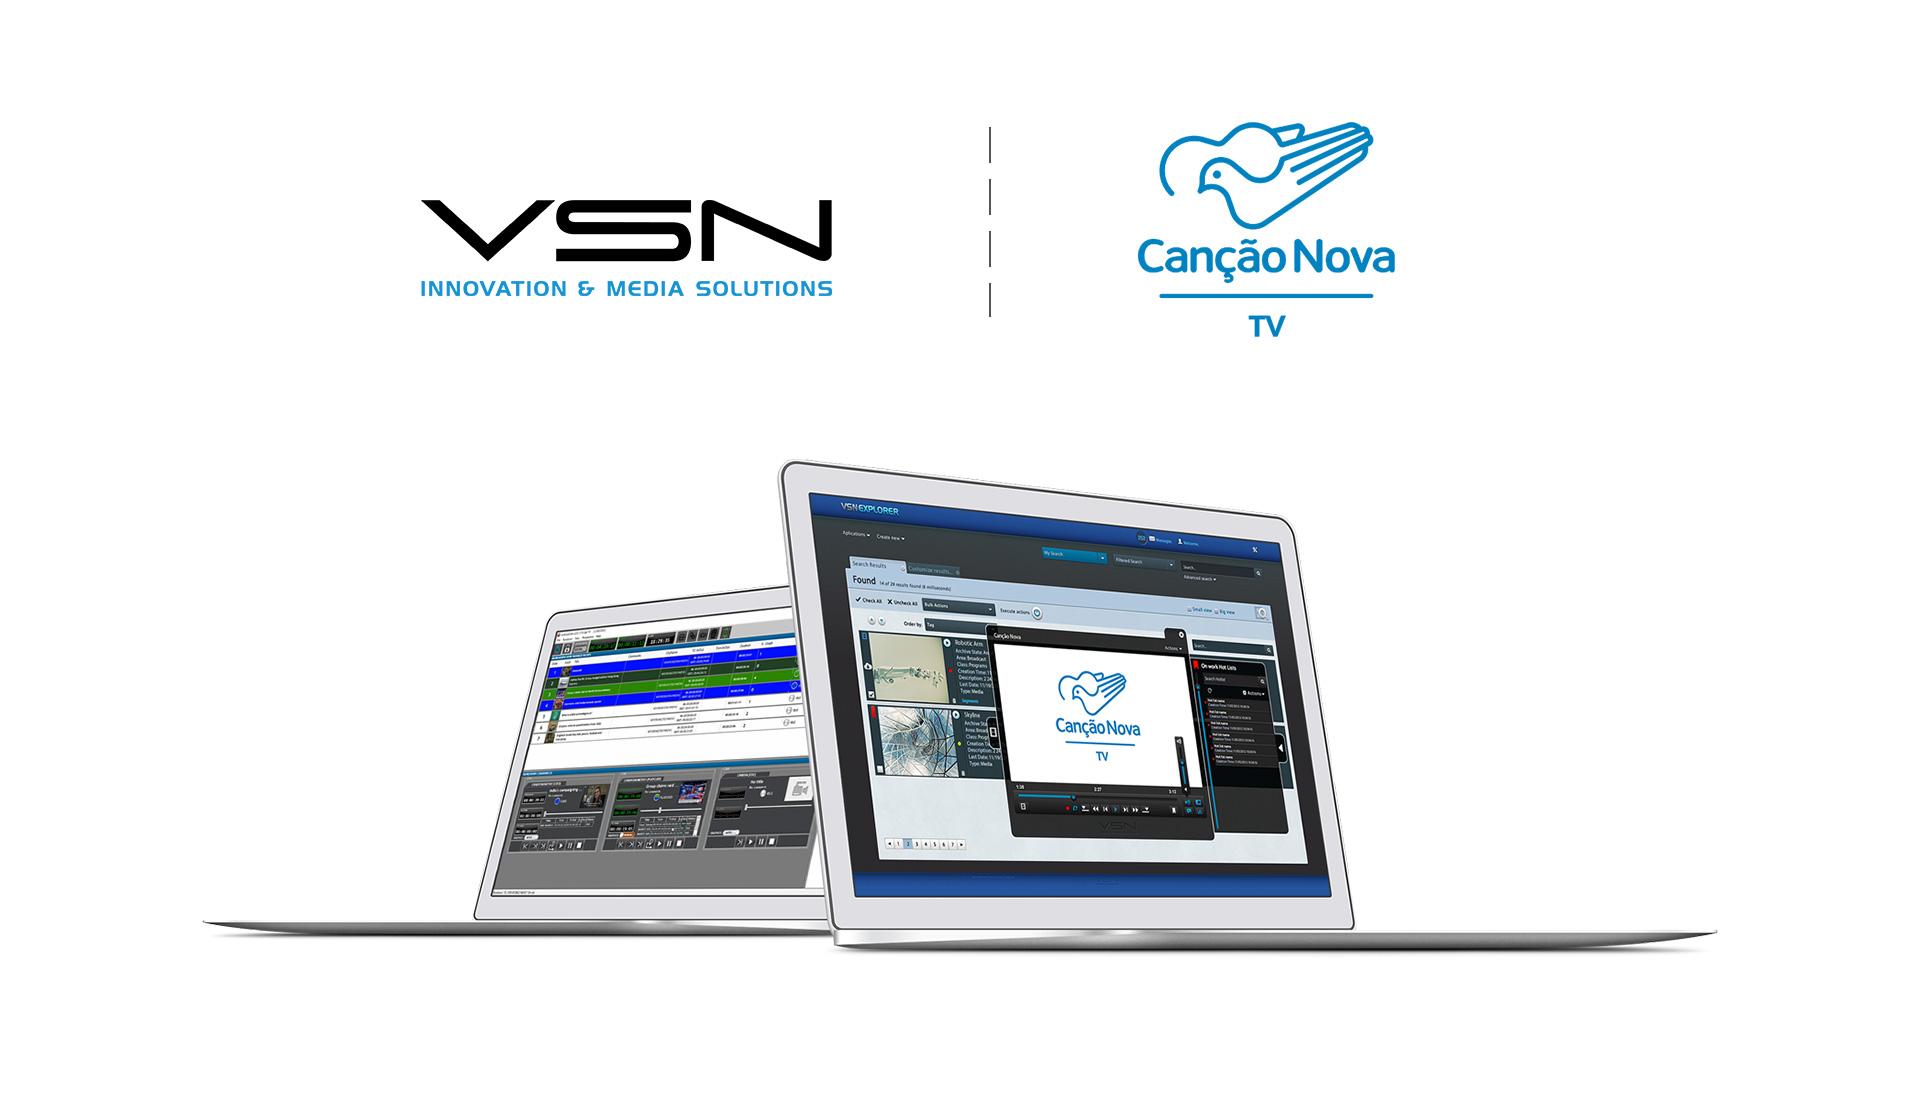 Canção Nova apuesta de nuevo por la tecnología VSN para renovar su solución End-to-End